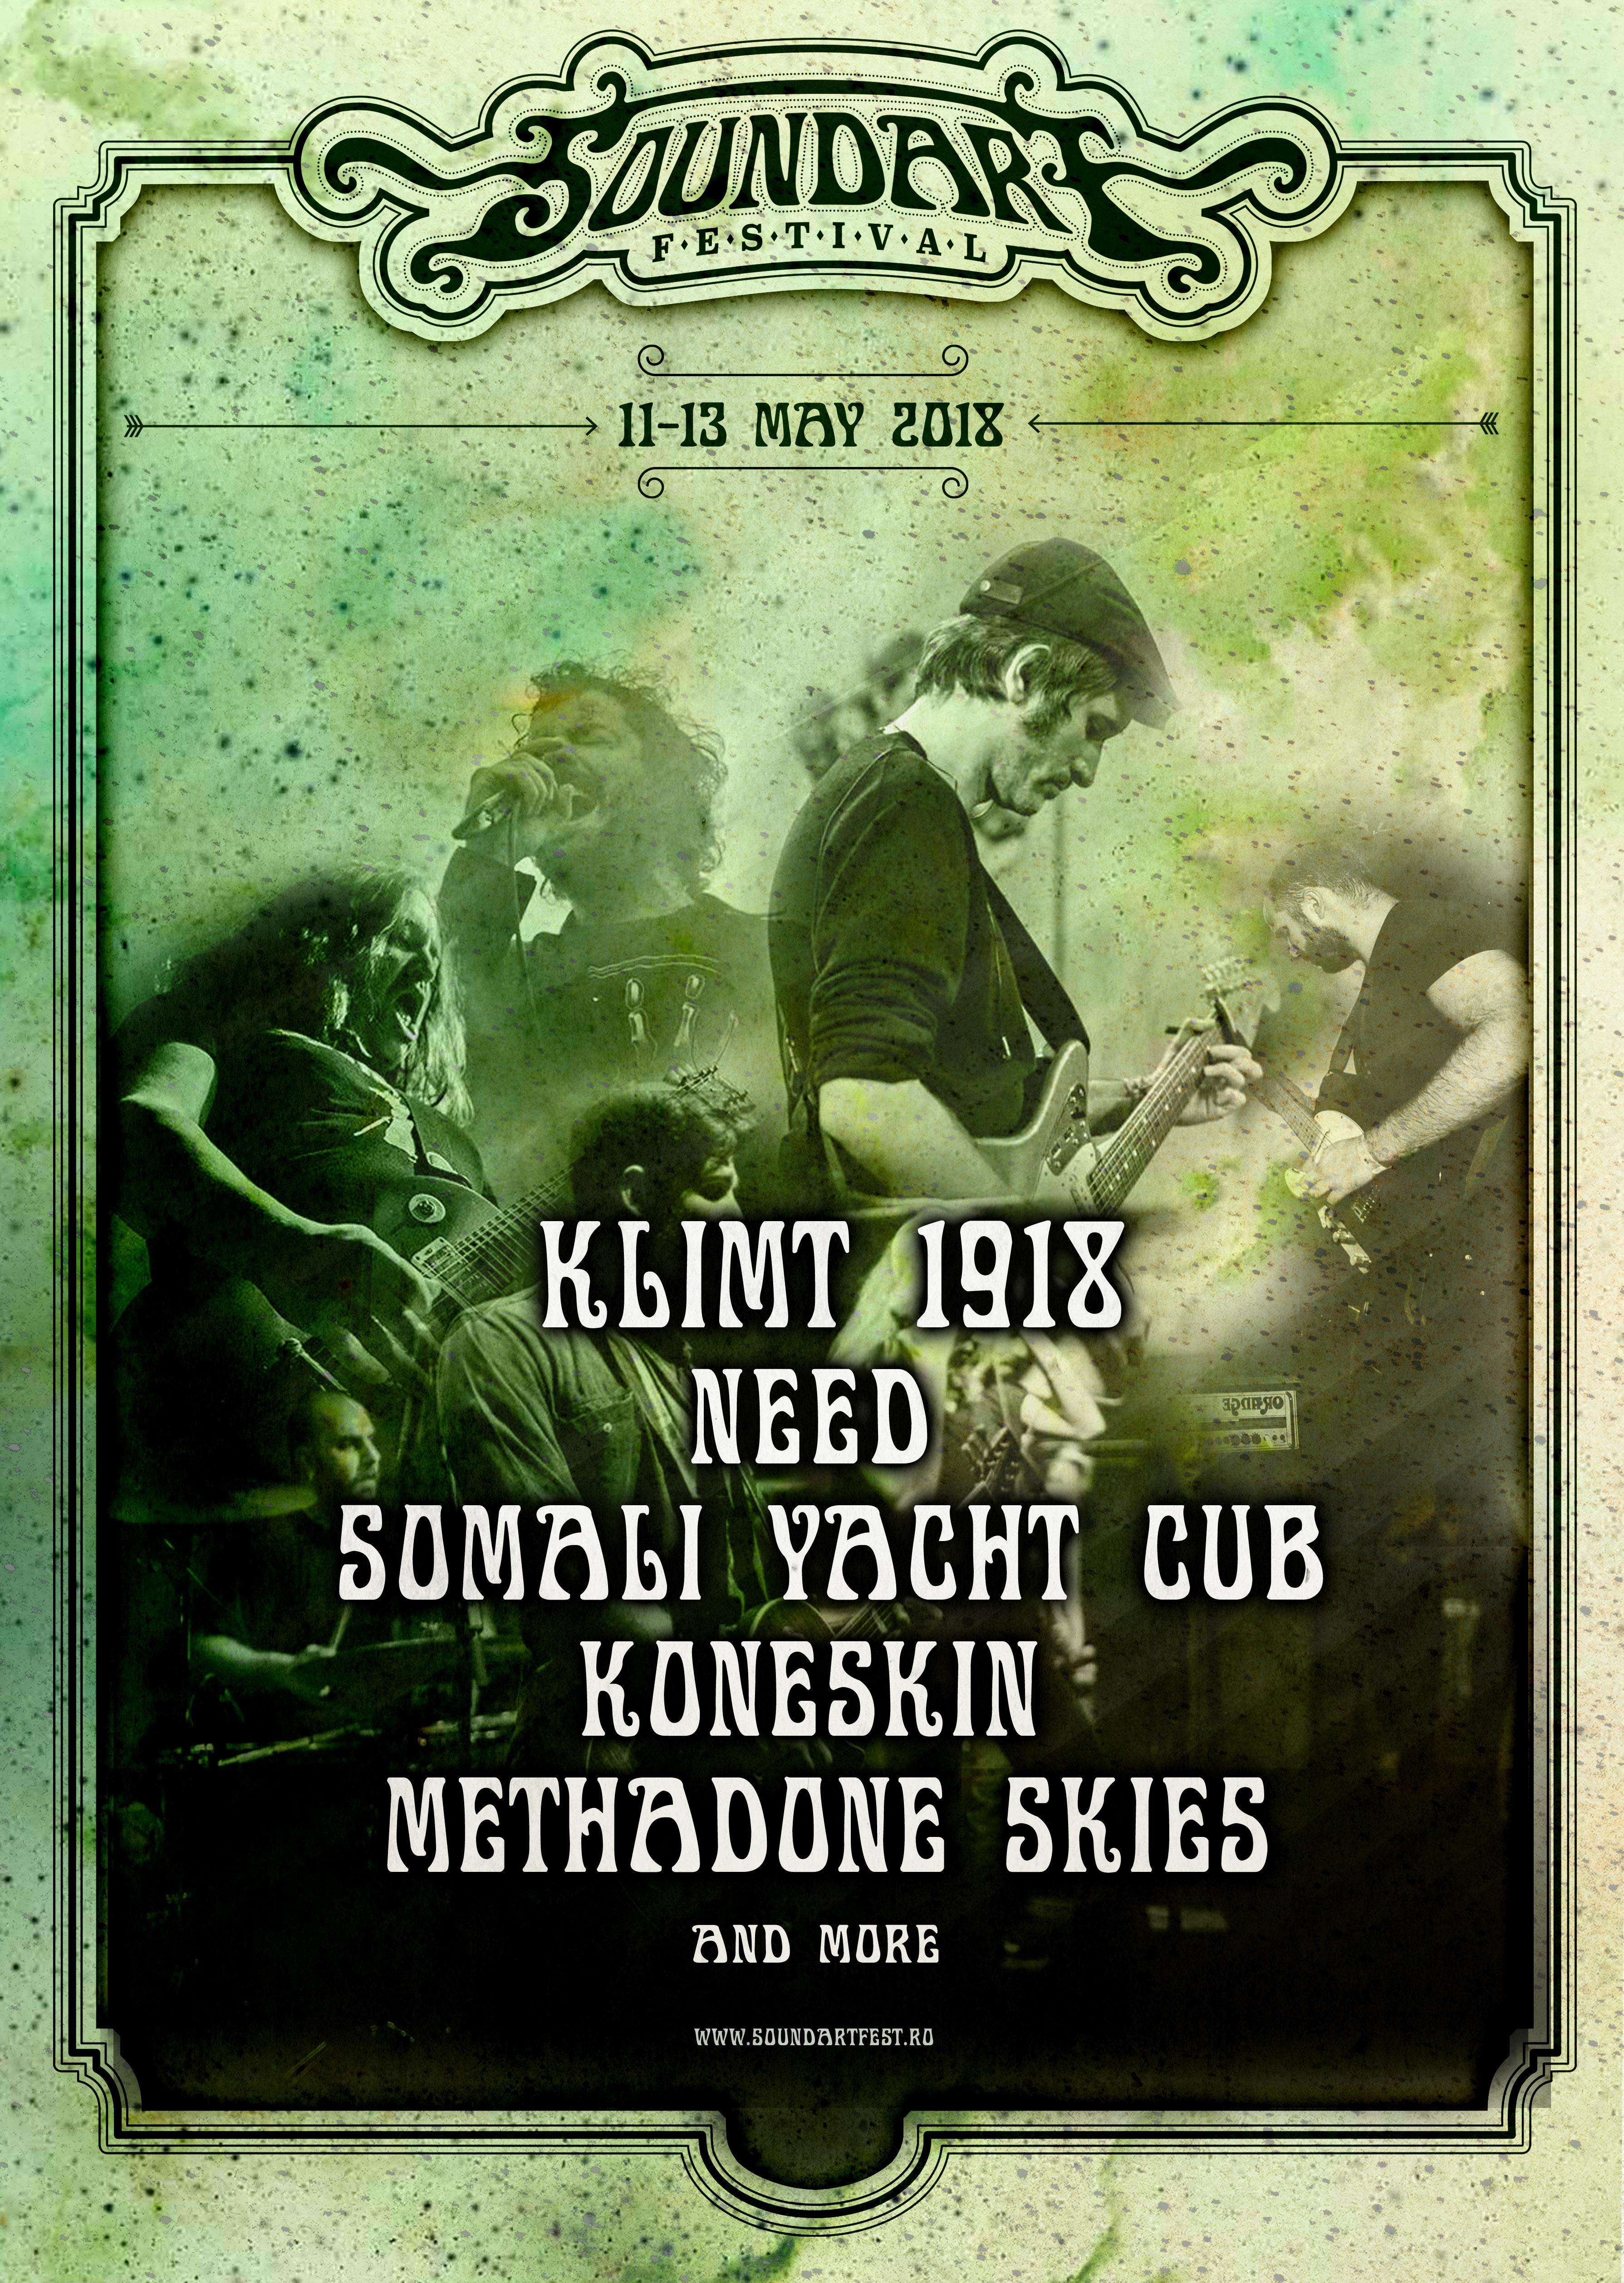 SoundArt Festival 2018. Somali Yacht Club și Need vin la cel mai mare eveniment de stoner rock din România